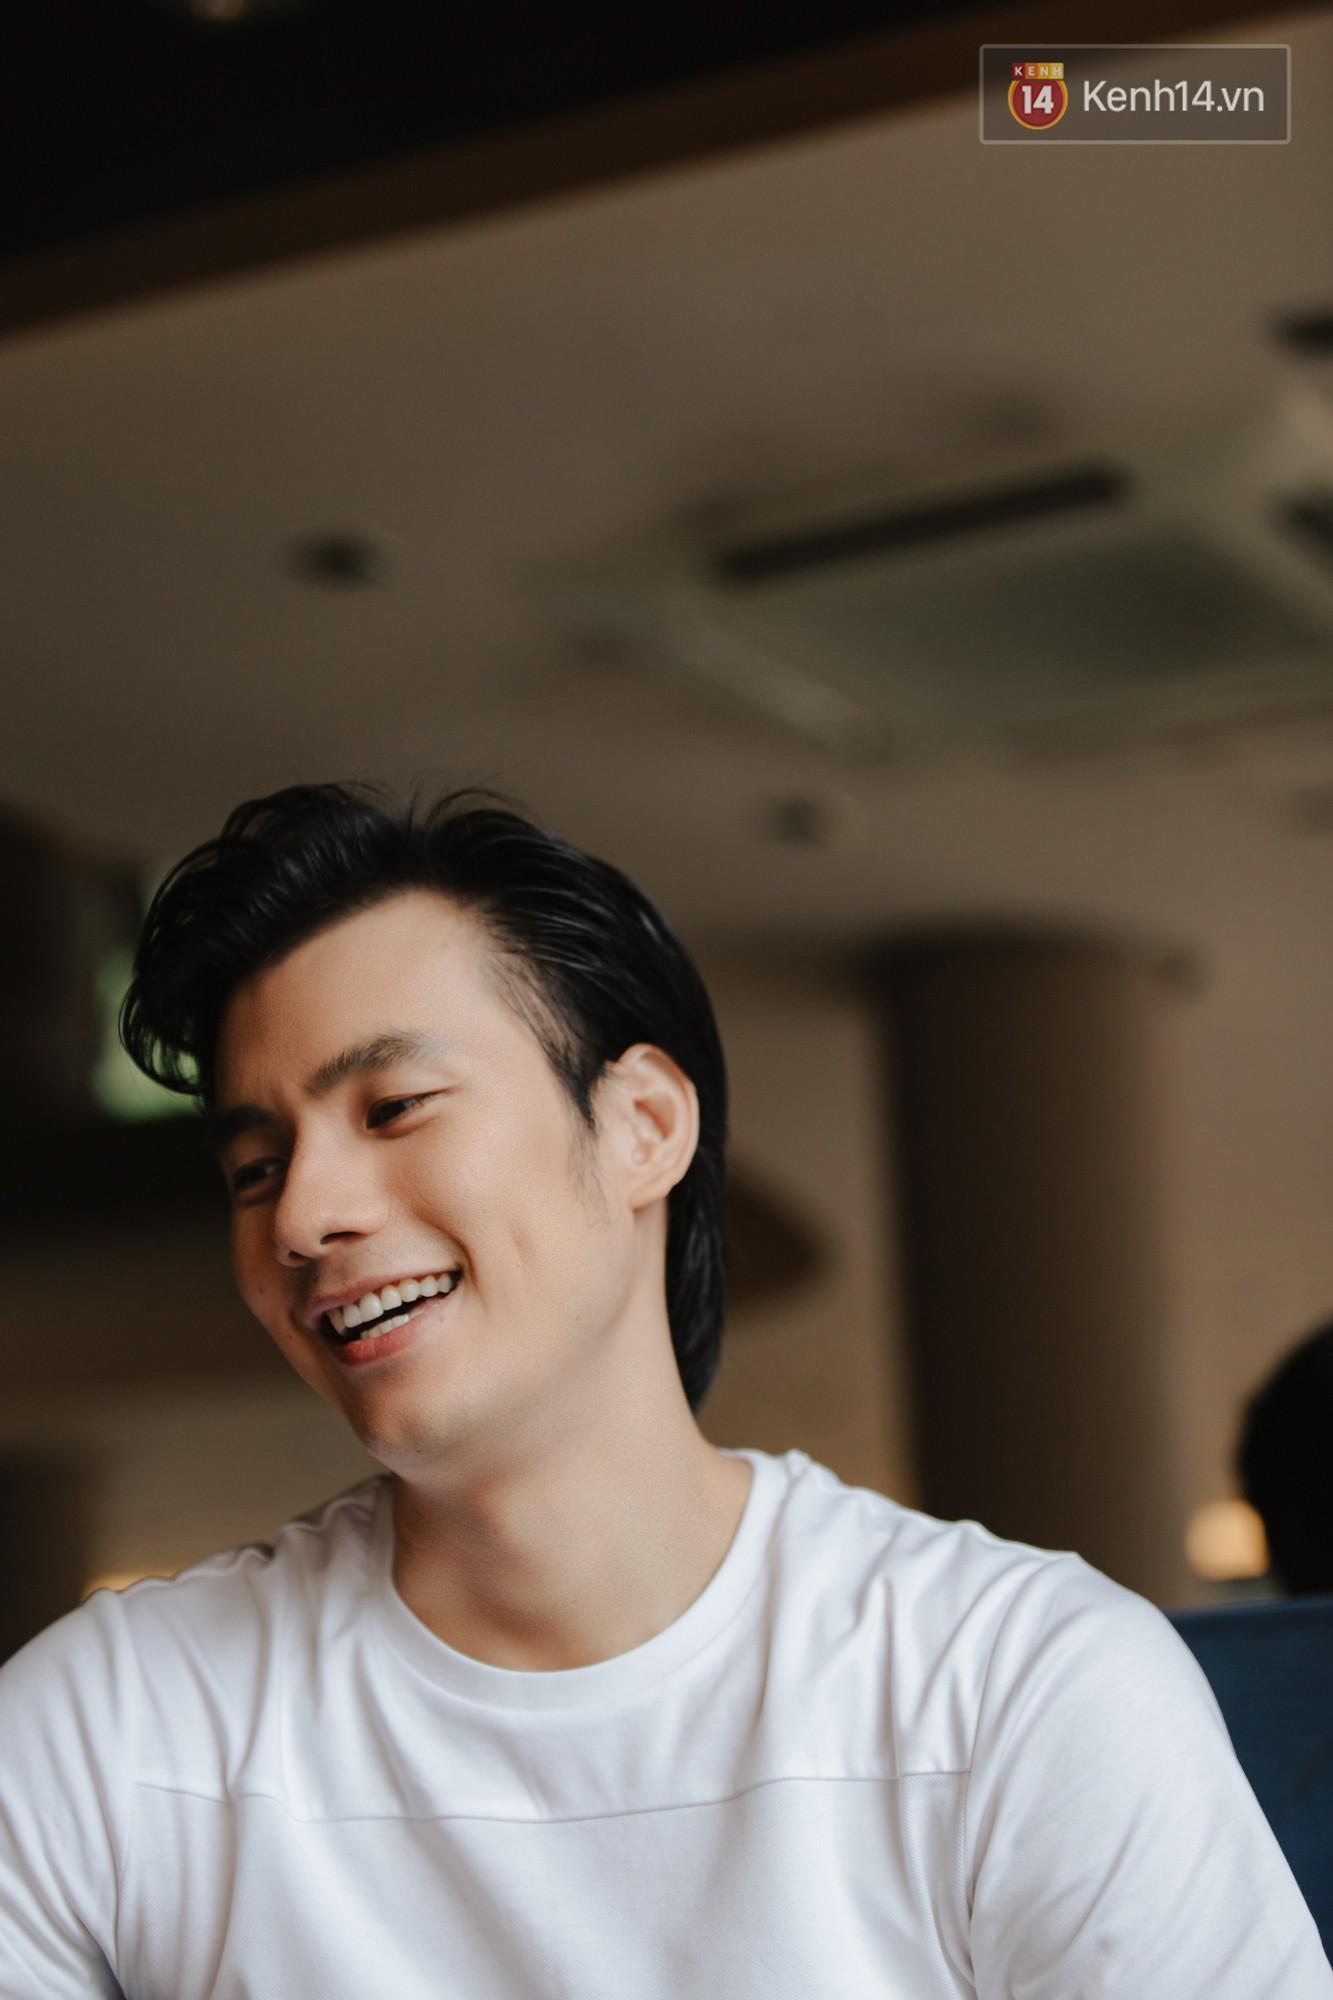 Nhan Phúc Vinh ám ảnh biến cố 10 năm với đạo diễn Nguyễn Quang Dũng: Tôi khóc như mưa ngay giữa quán nhậu - Ảnh 2.